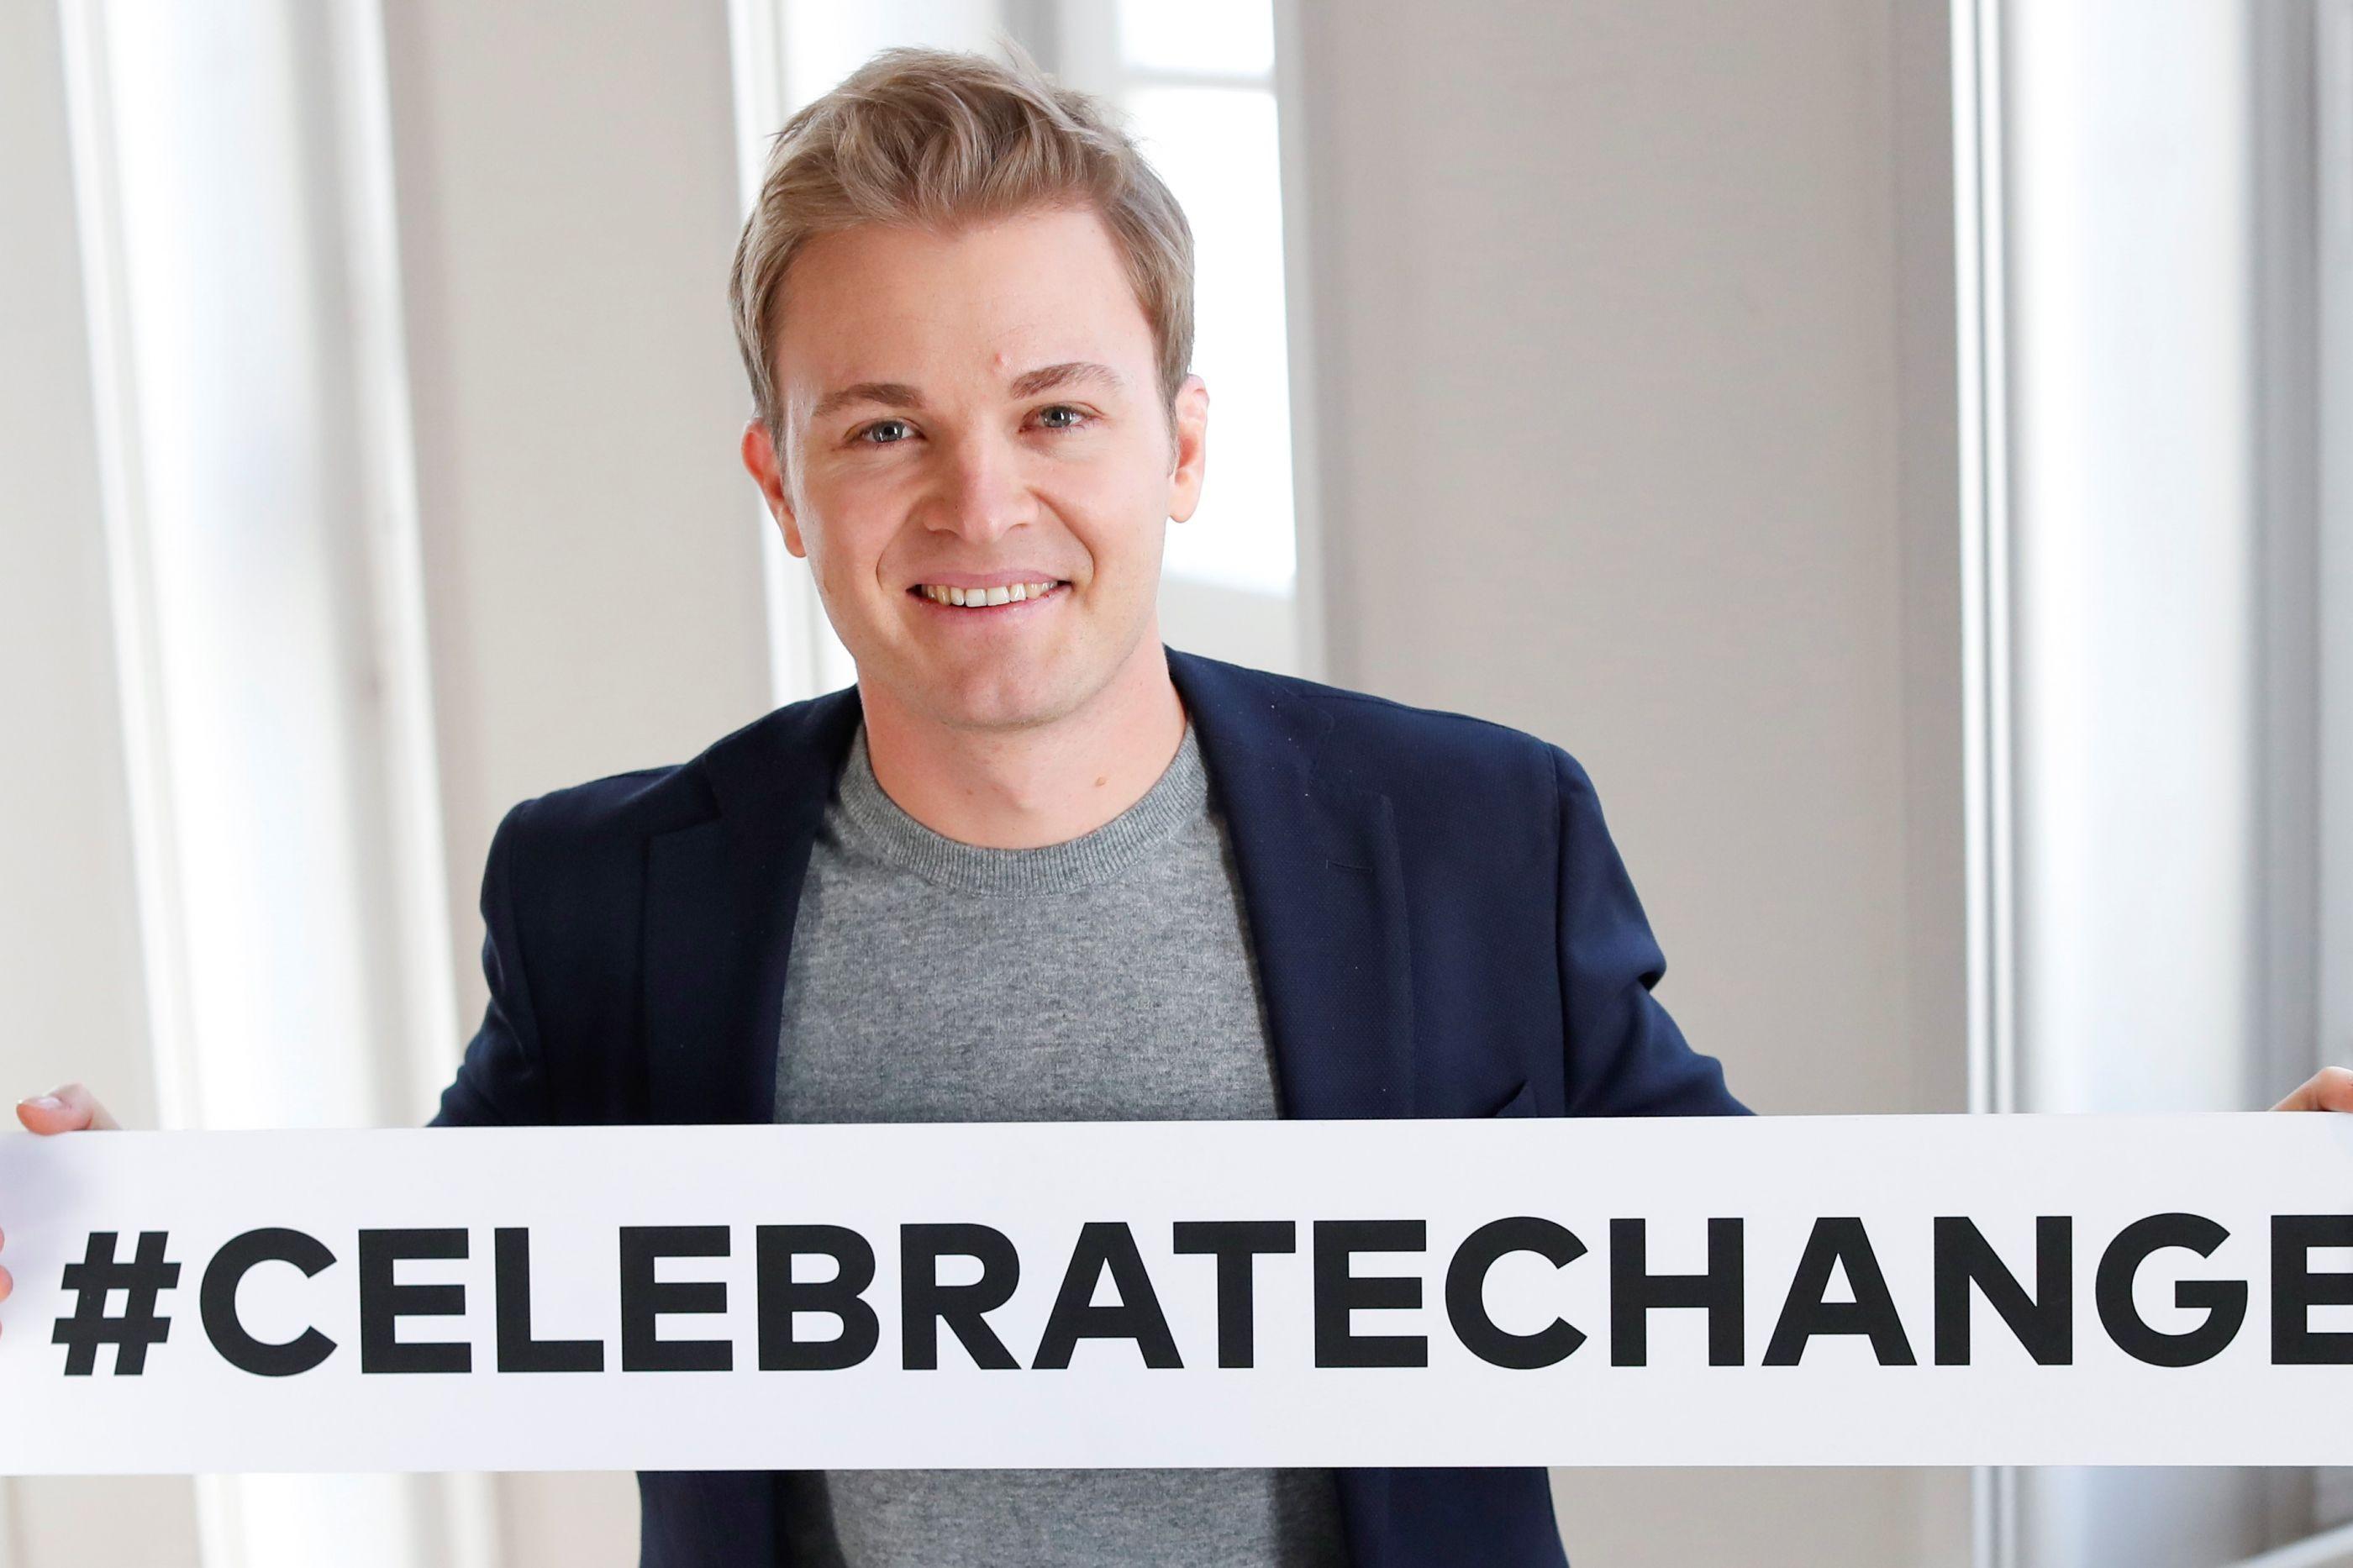 Festival de tecnologia sustentável apoiado pelo piloto Nico Rosberg